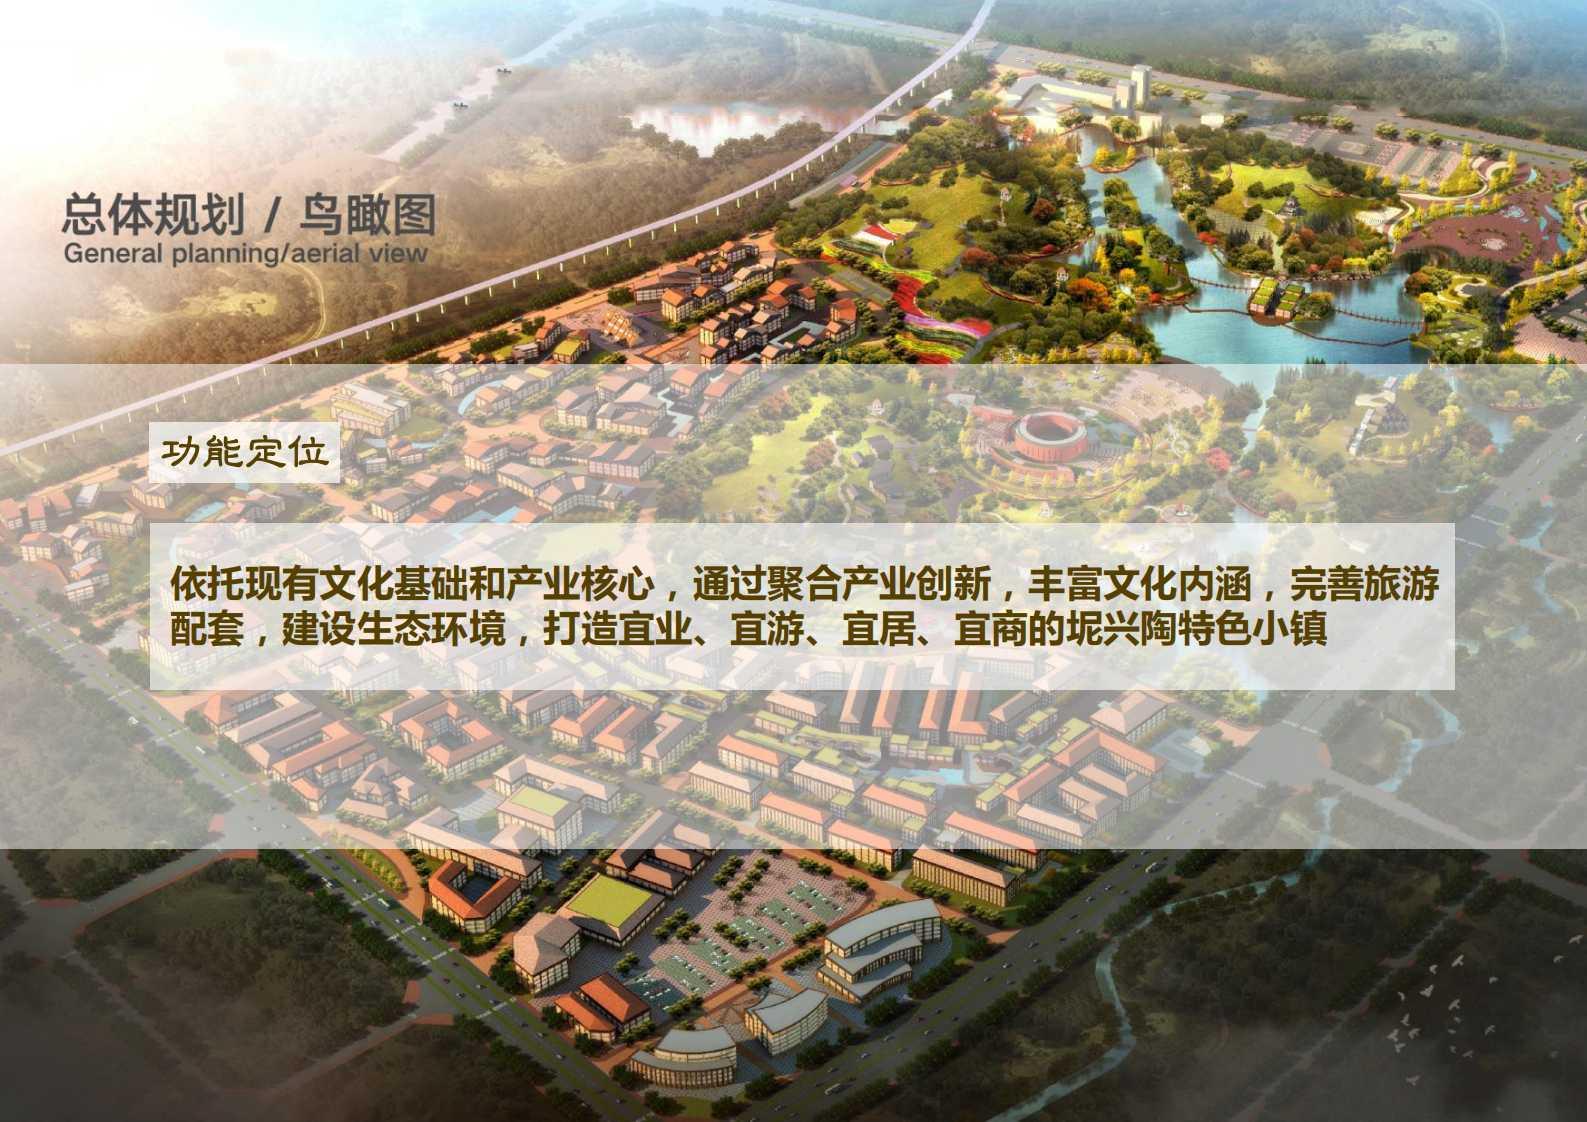 钦州坭兴陶特色小镇项目简介(4)_16.png